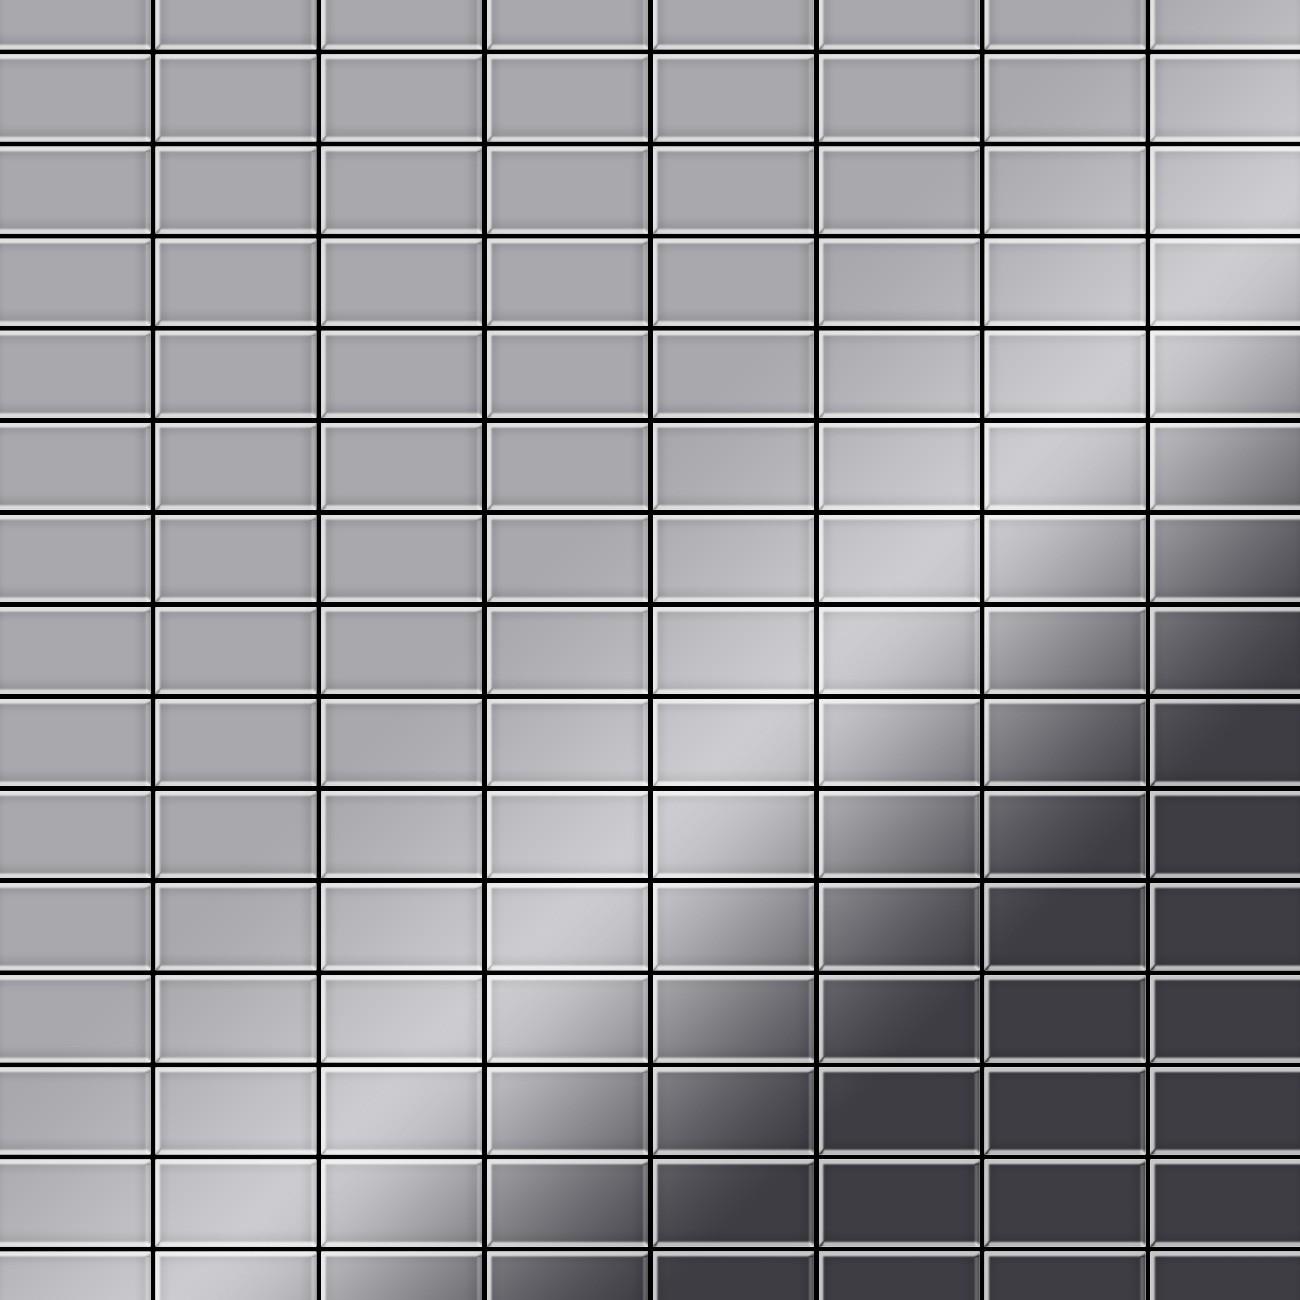 Full Size of Wandfarbe Bauhaus Garten Ideen Bilder Bad Heizkörper Fenster Elektroheizkörper Badezimmer Wohnzimmer Für Wohnzimmer Heizkörper Bauhaus